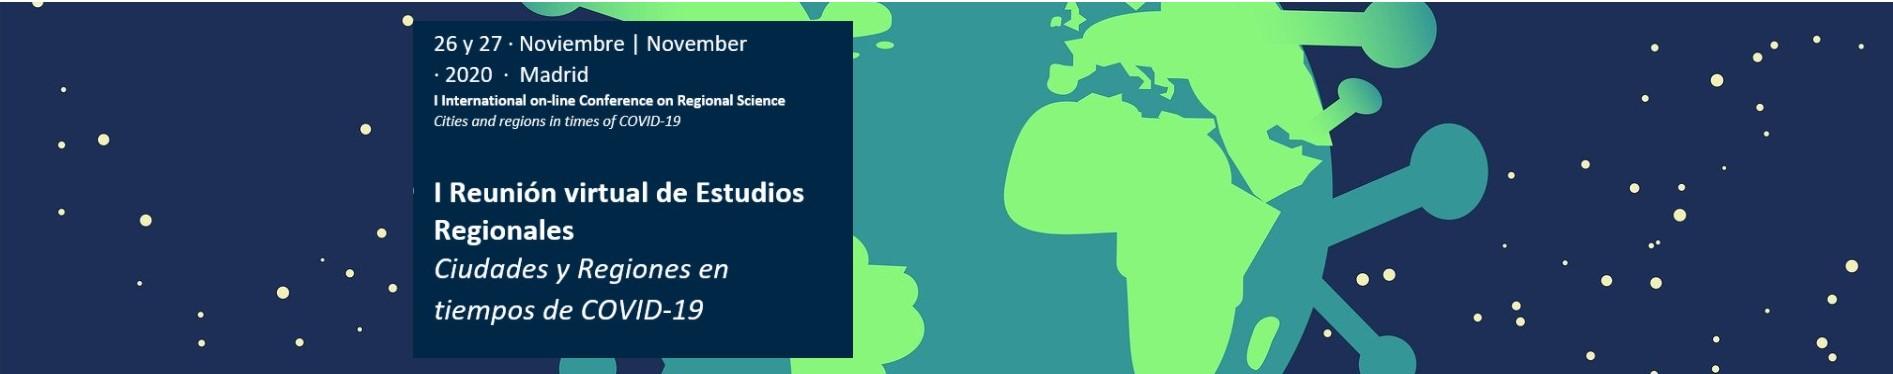 Curso sobre Georreferenciación: Ciencia de Datos Geográficos para Científicos Regionales – I Reunión Virtual de Estudios Regionales